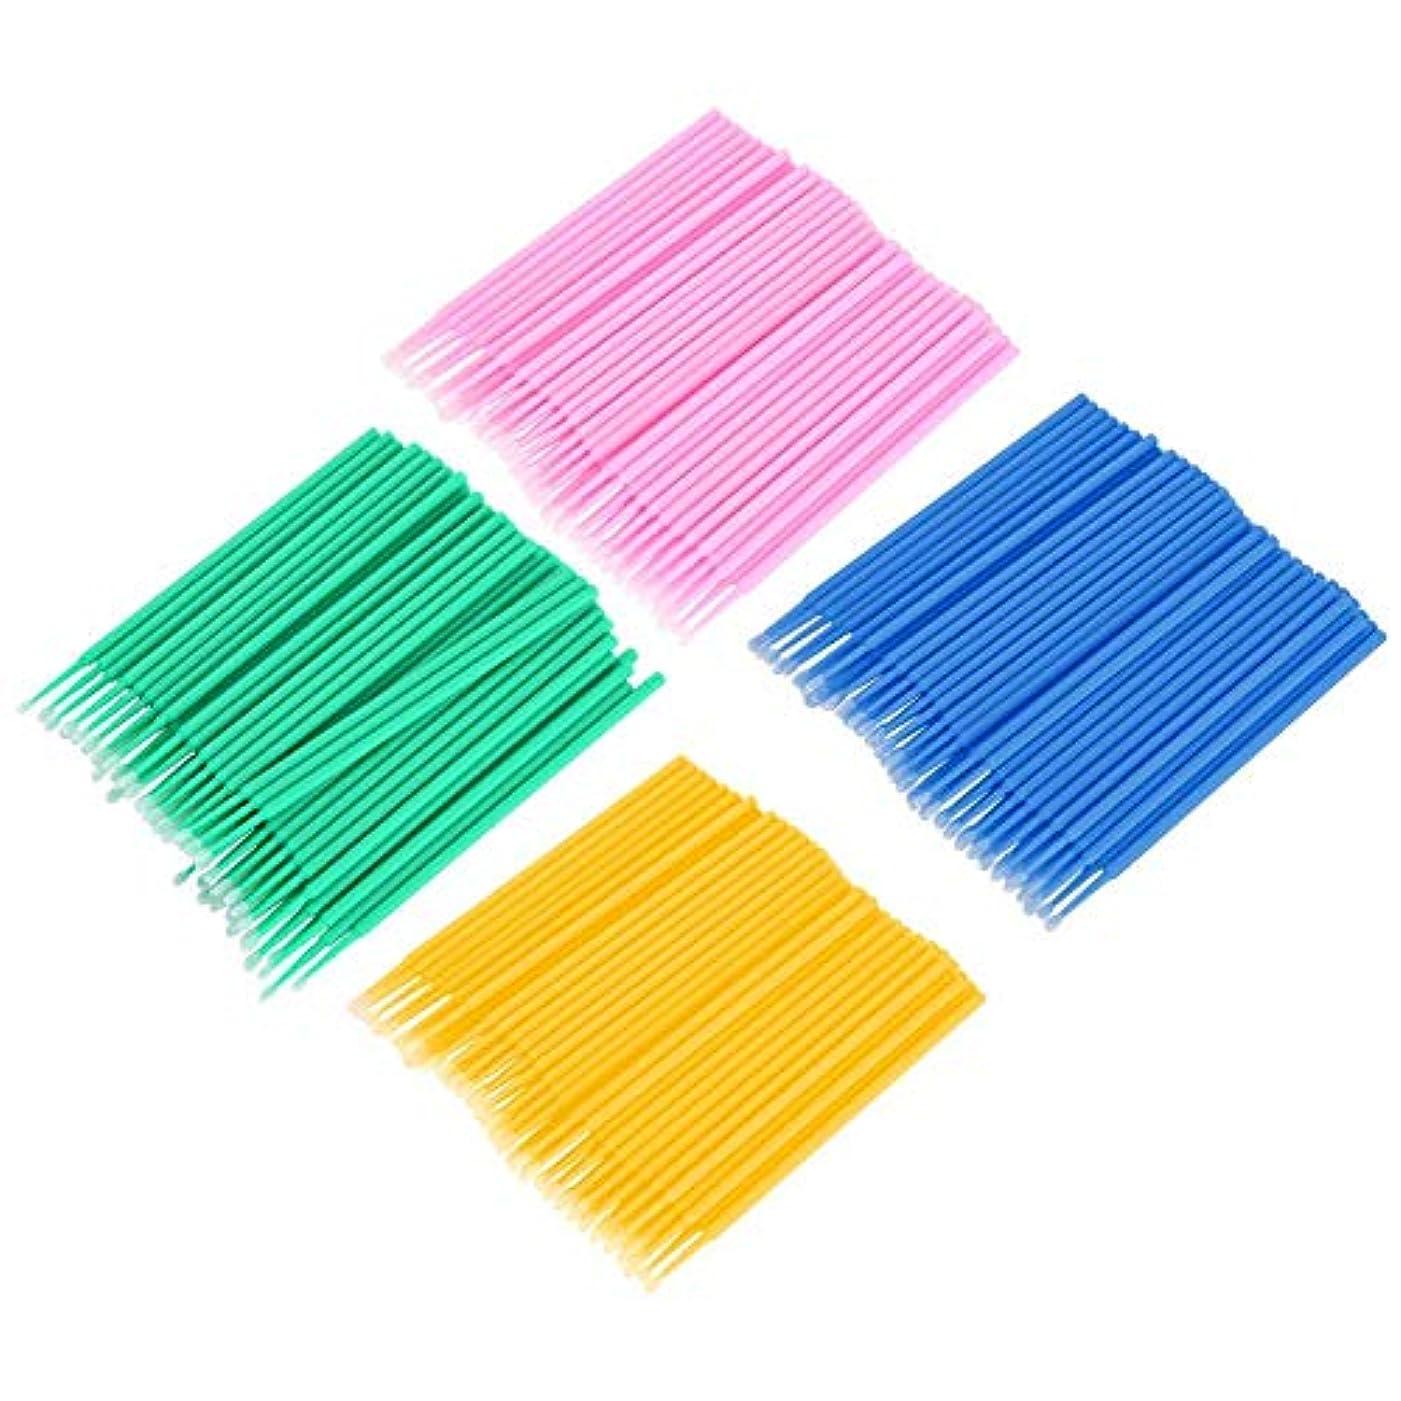 脆いリッチいいねSemmeコットン綿棒、まつげリムーバーまたはプライマーコットンスティック400個使い捨てコットンスティックまつげクリーニングスティックマイクロブラシ綿棒まつげライト